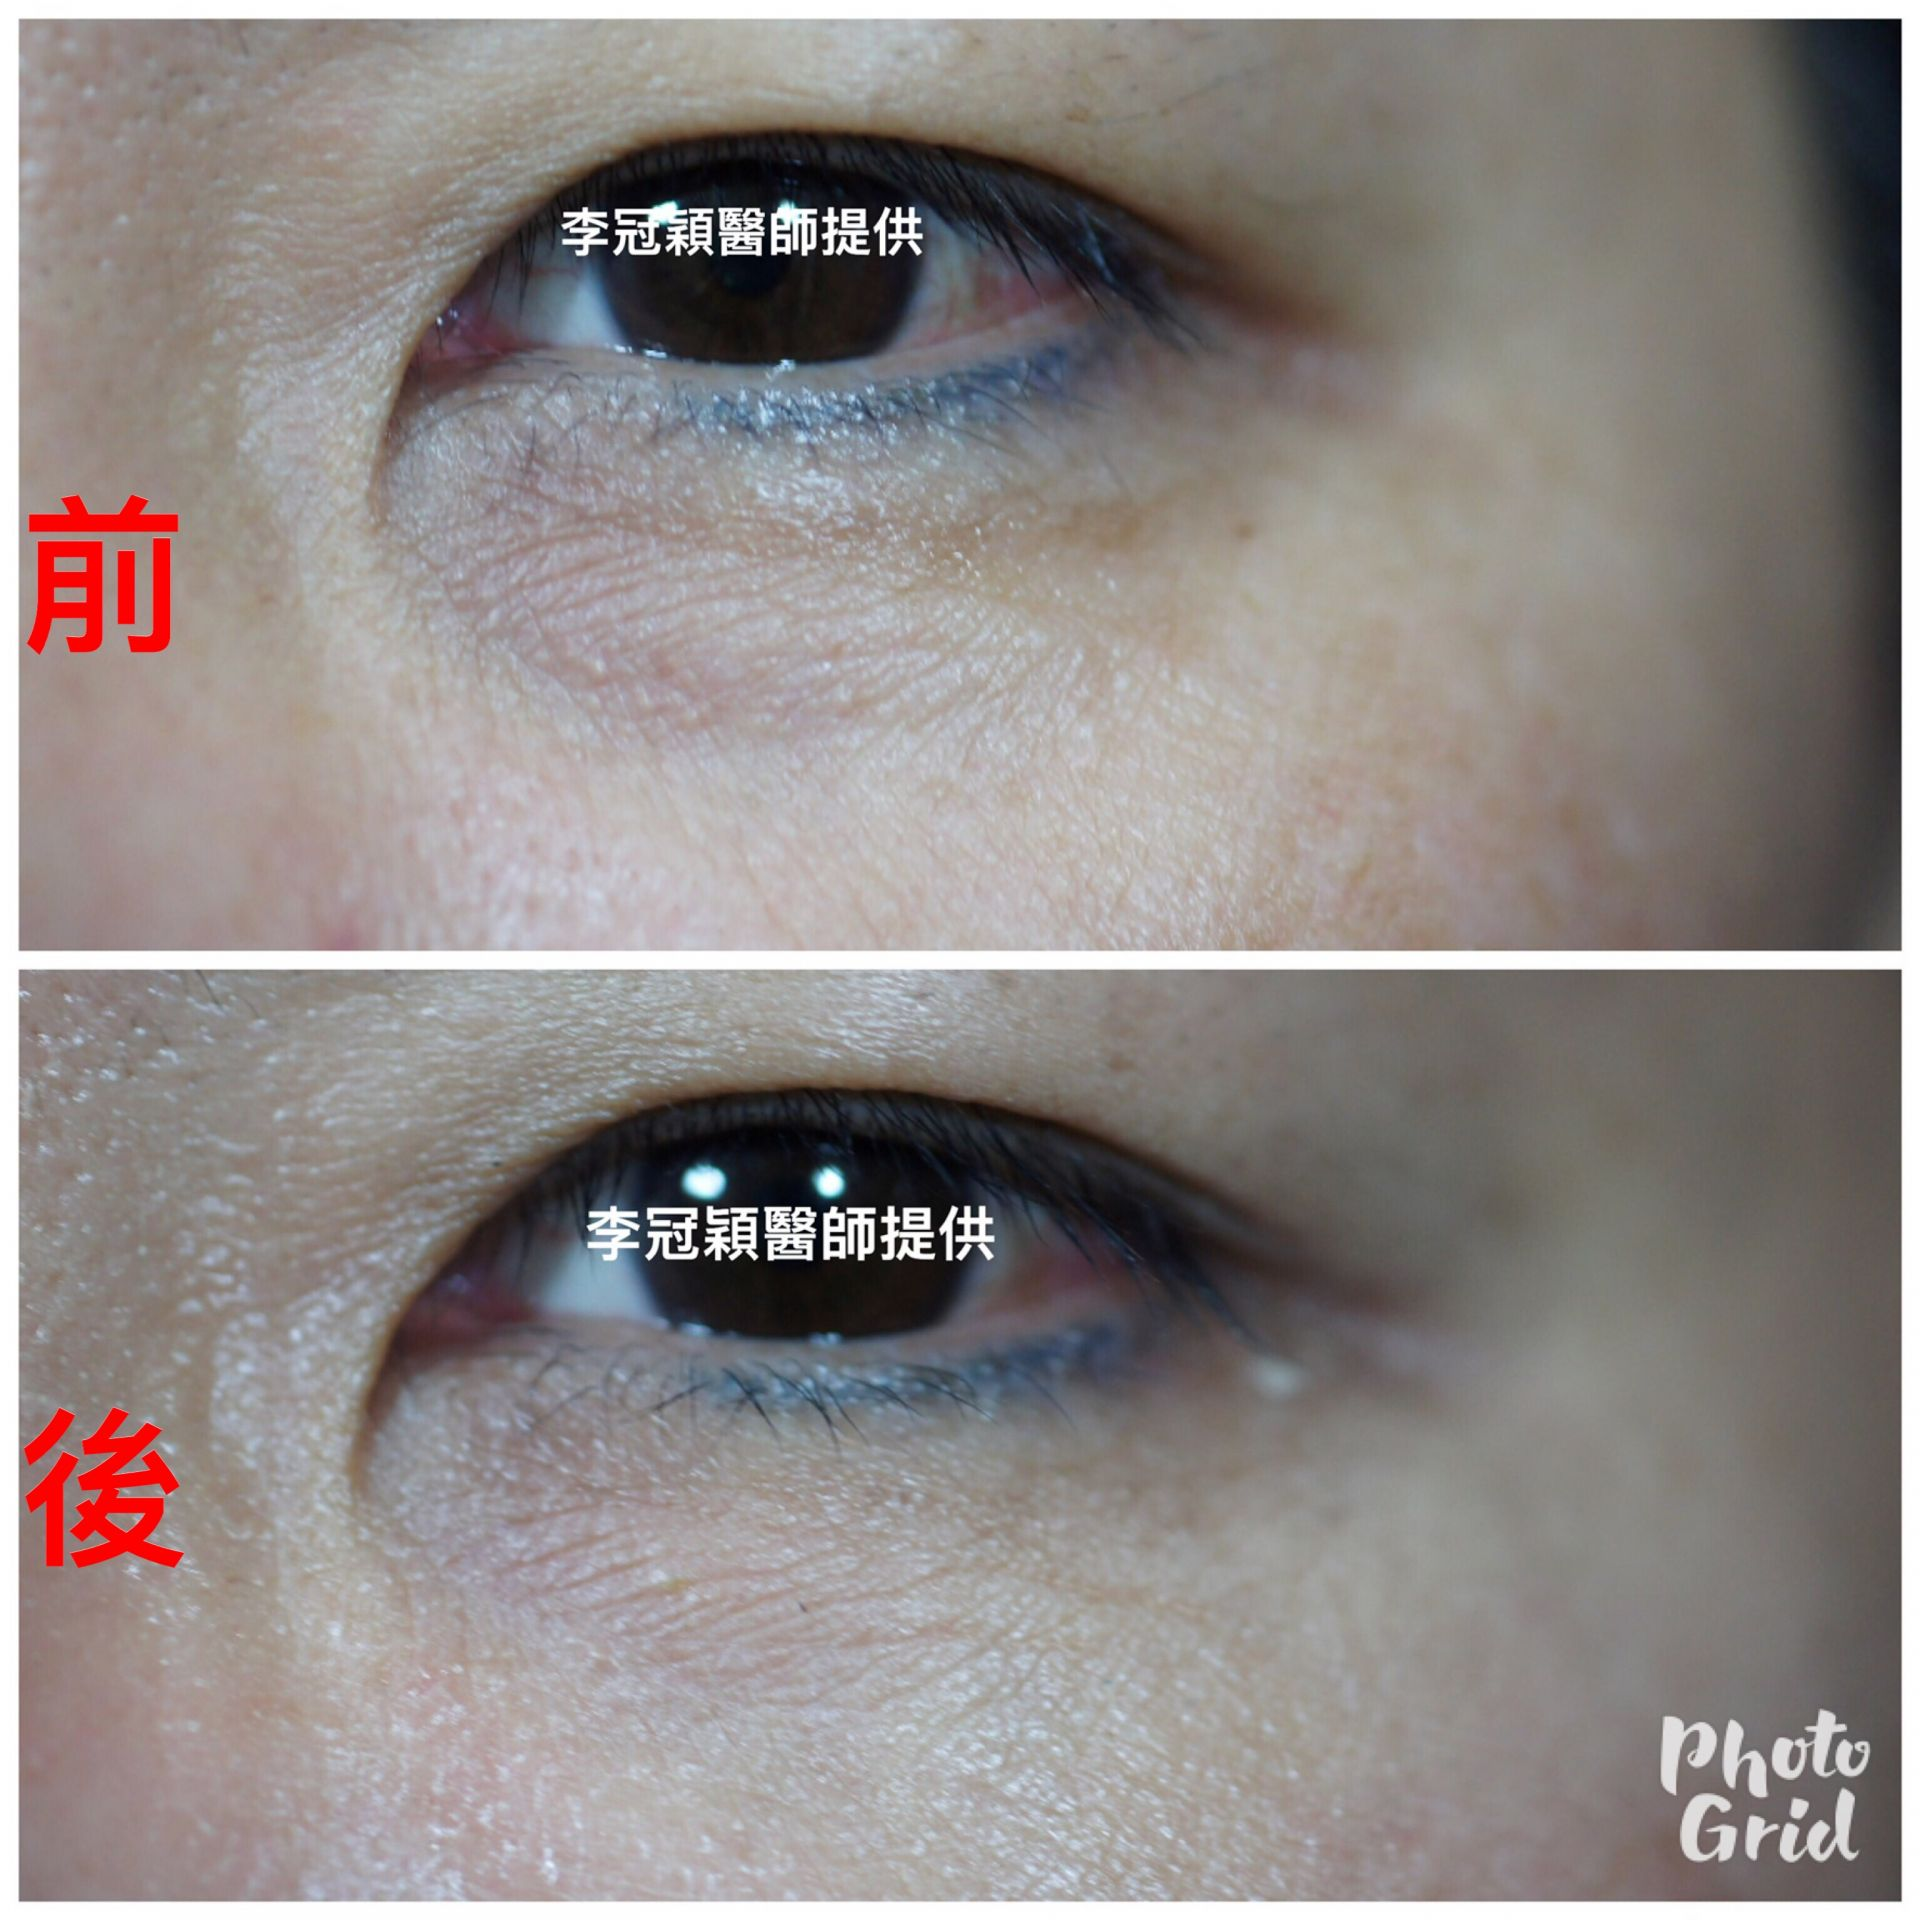 黑眼圈治療手術-李冠穎醫師